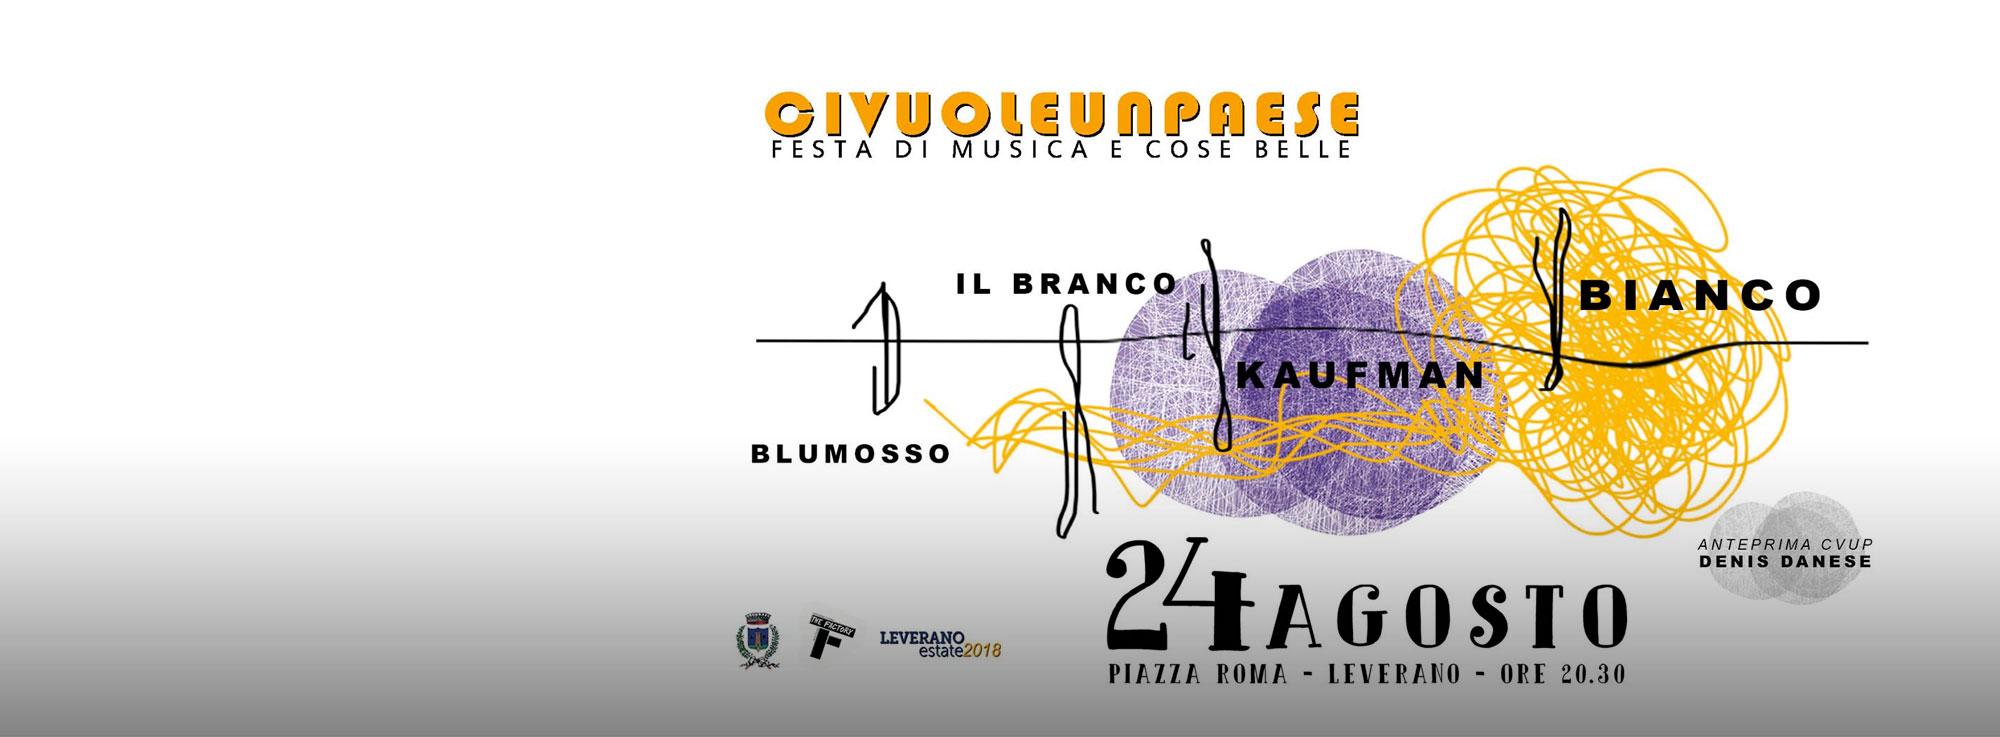 Leverano: CivuoleunPaese – Festa di Musica e Cose Belle